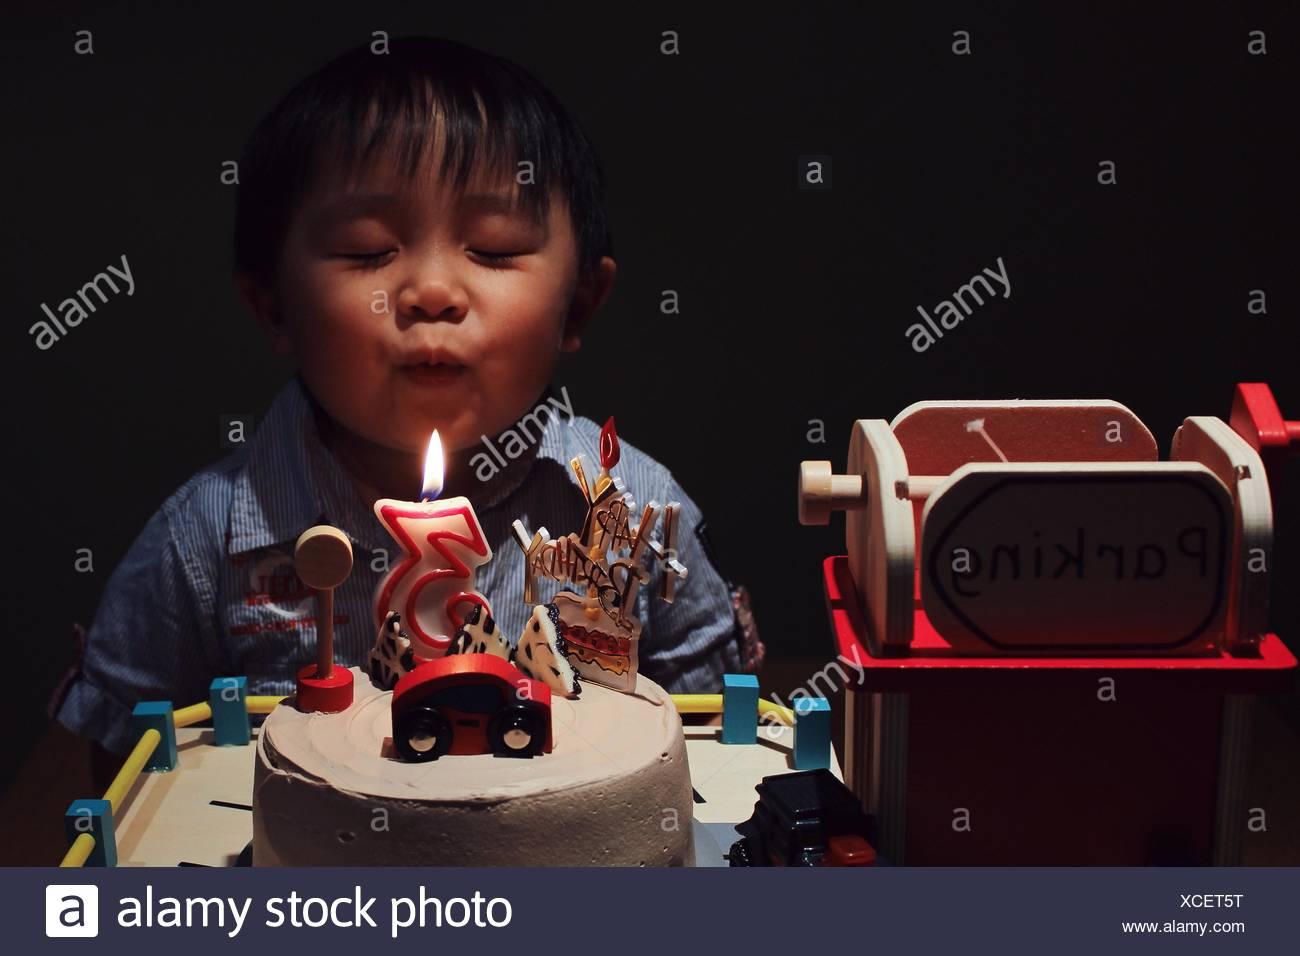 Chico lindo con ojo cerrado soplando vela de cumpleaños de tarta en cuarto oscuro Imagen De Stock